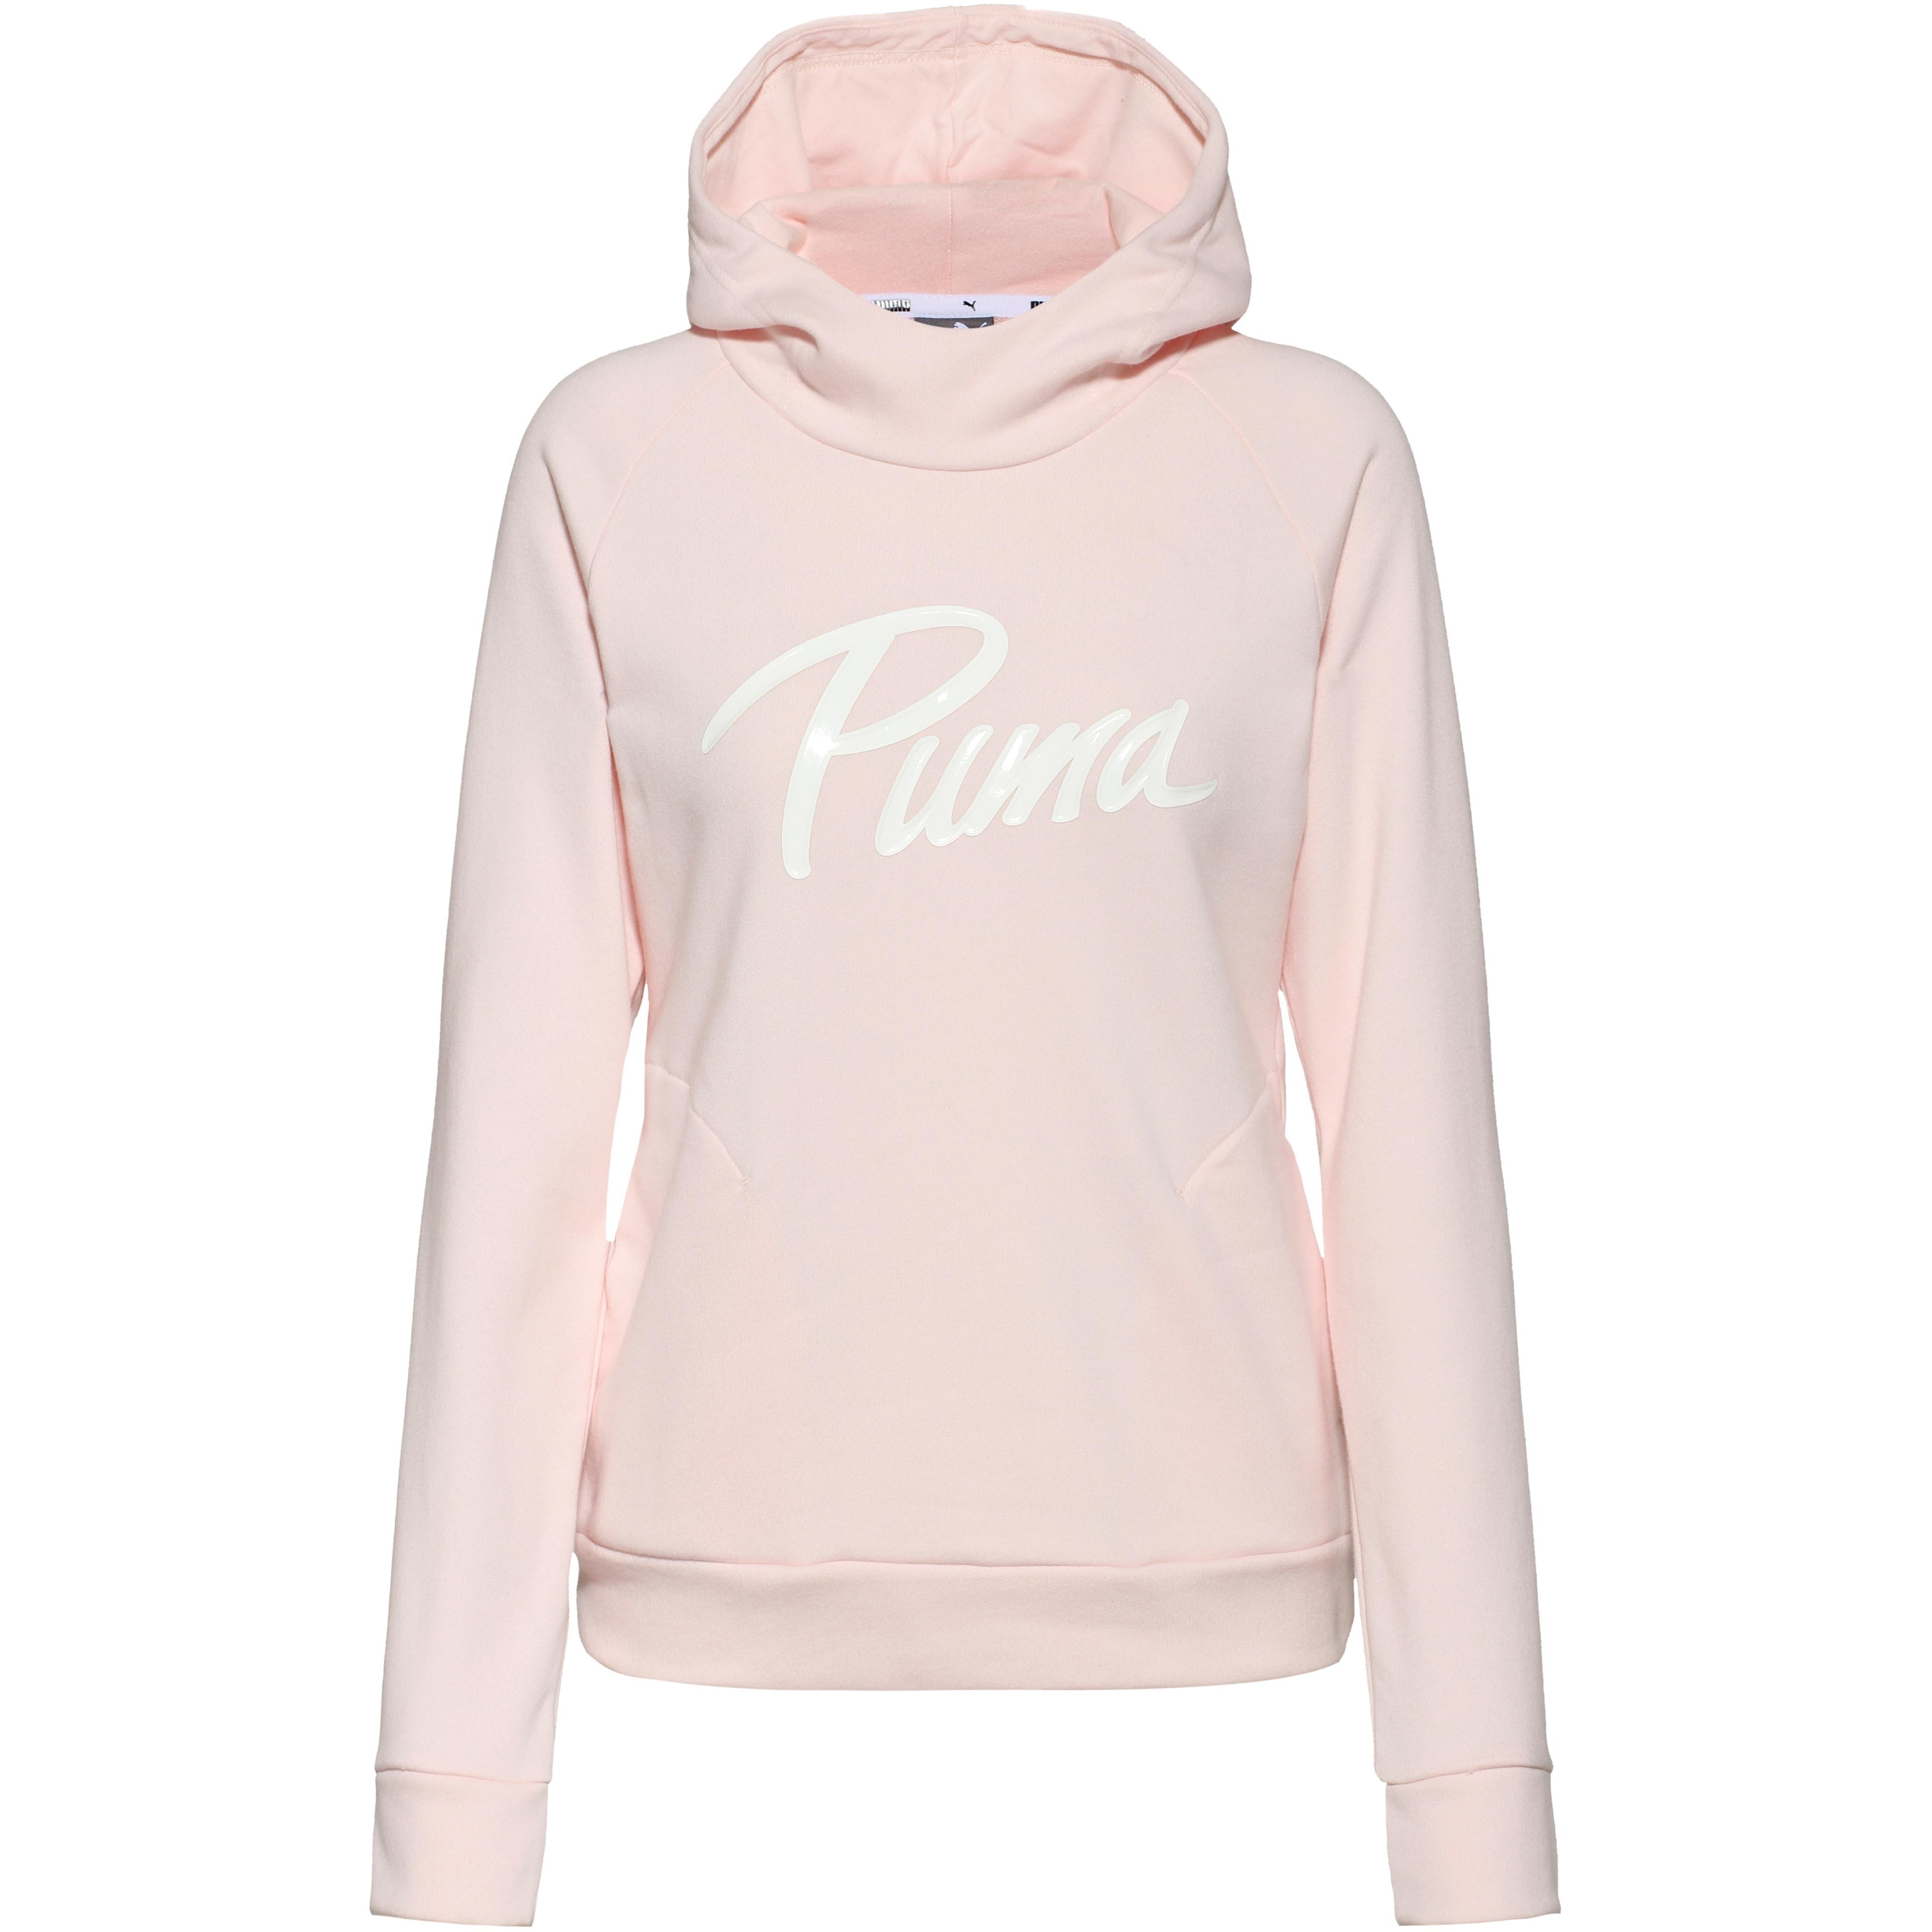 Pullover \u0026 Sweats von PUMA in rosa im Online Shop von SportScheck